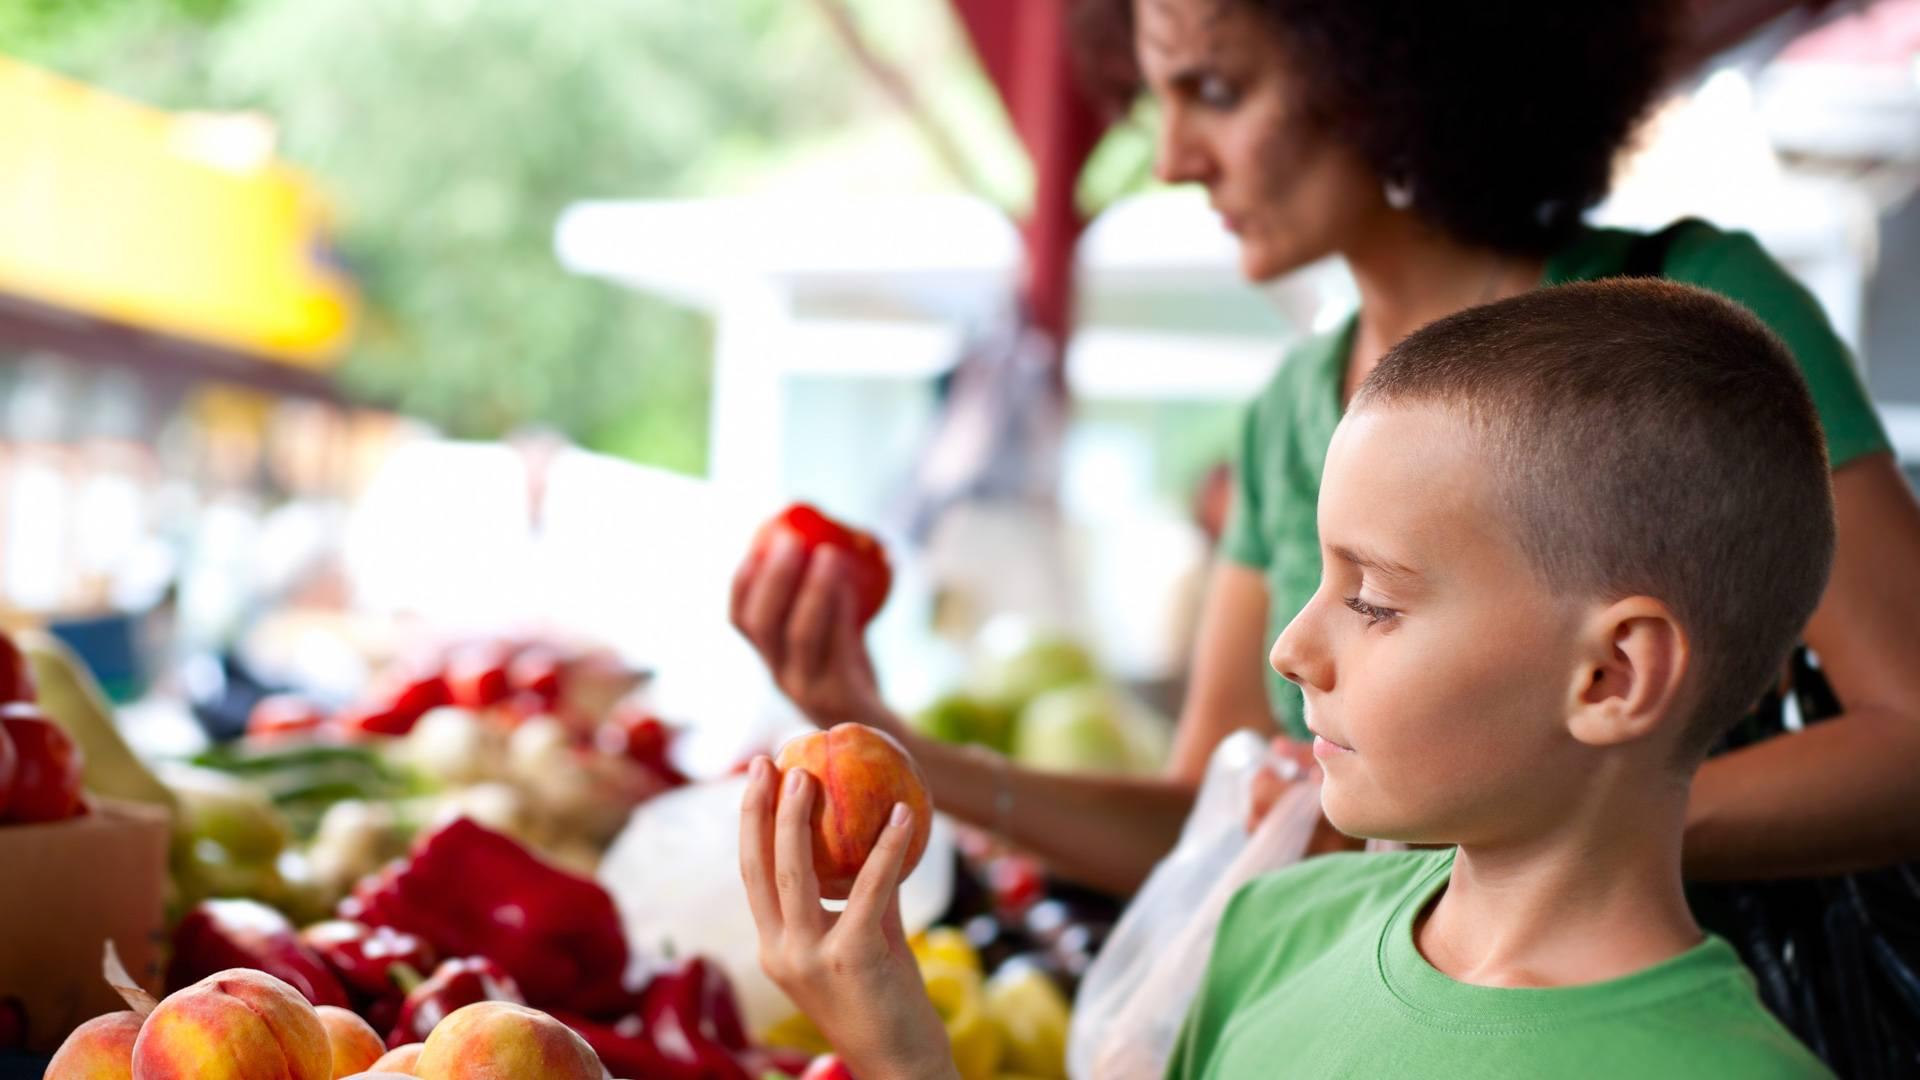 fruit as fast food